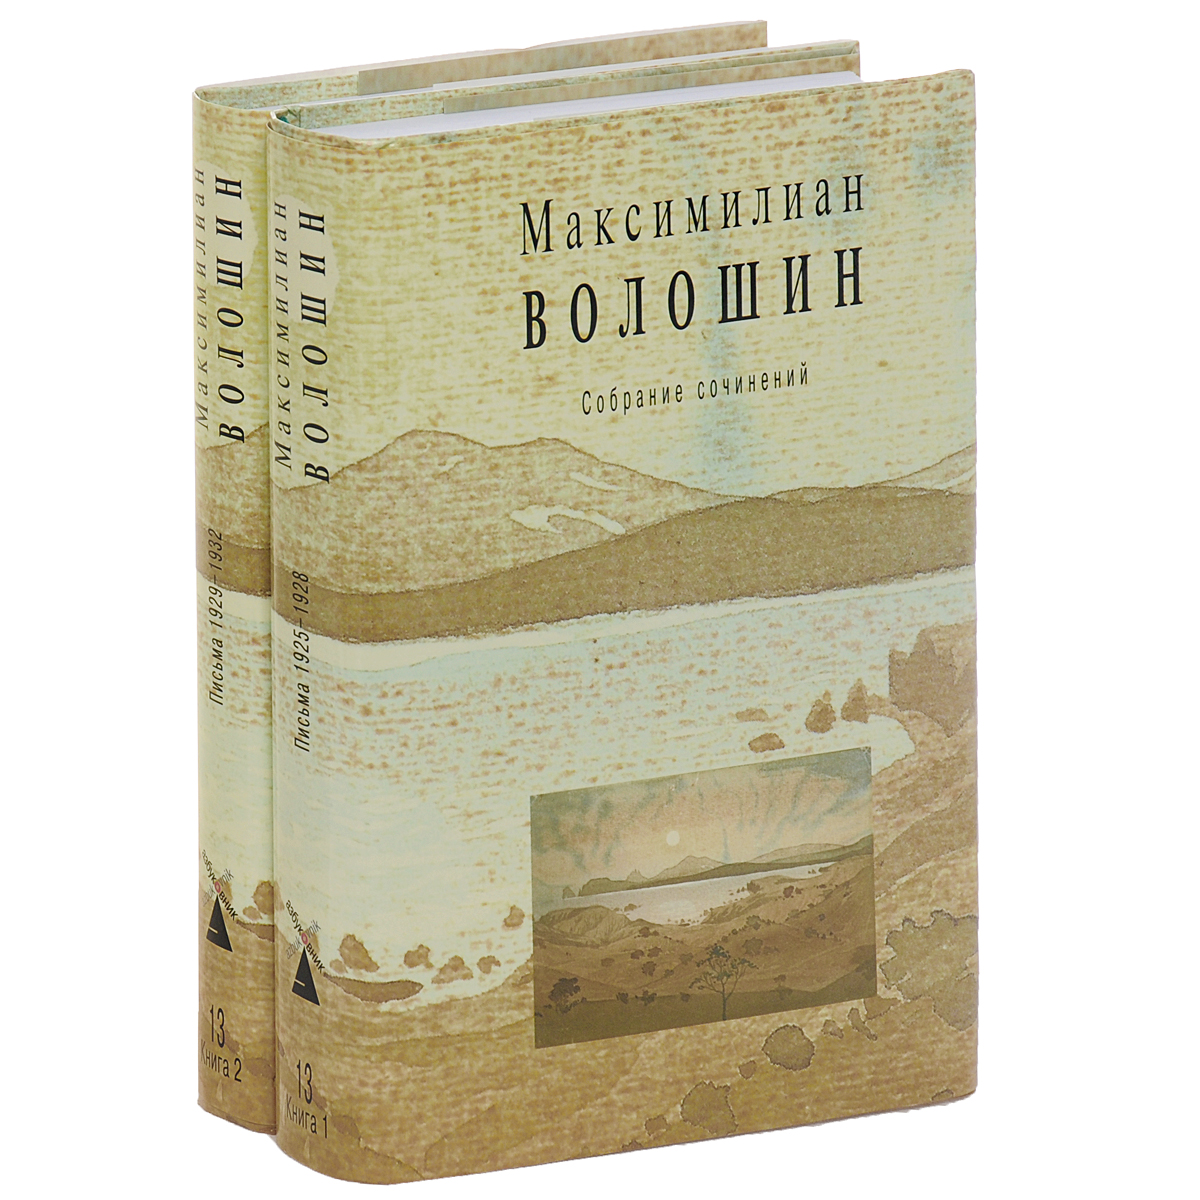 Максимилиан Волошин Максимилиан Волошин. Собрание сочинений. Том 13 (комплект из 2 книг)